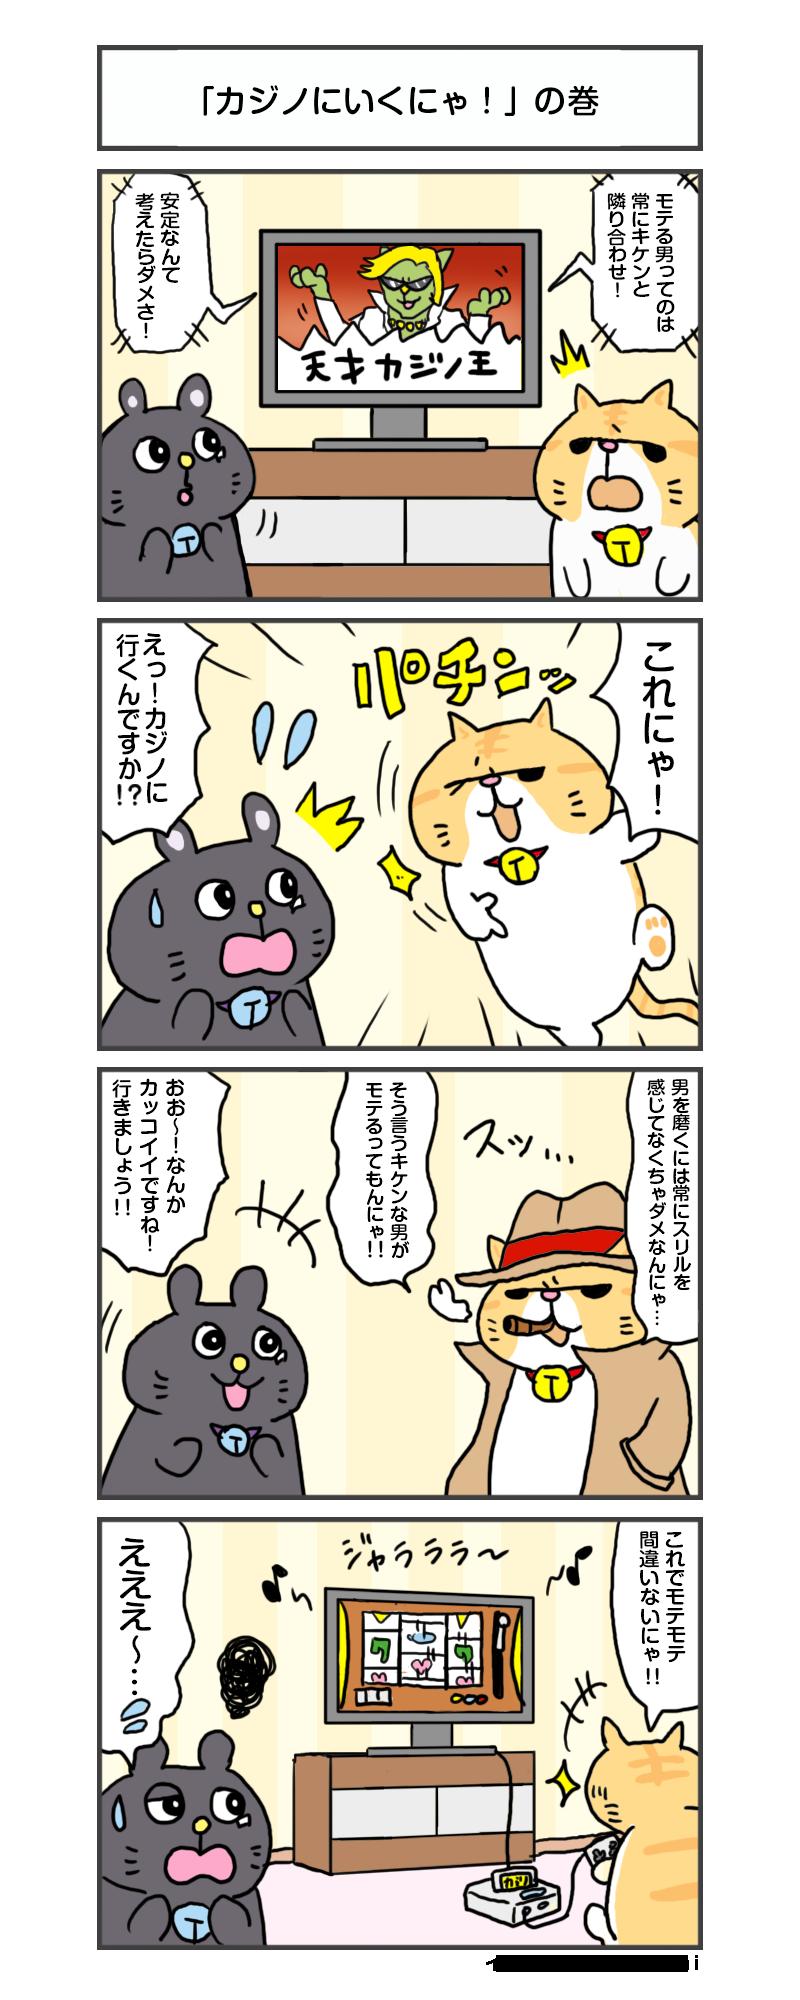 縺医″縺昴y縺・anga_vol.215